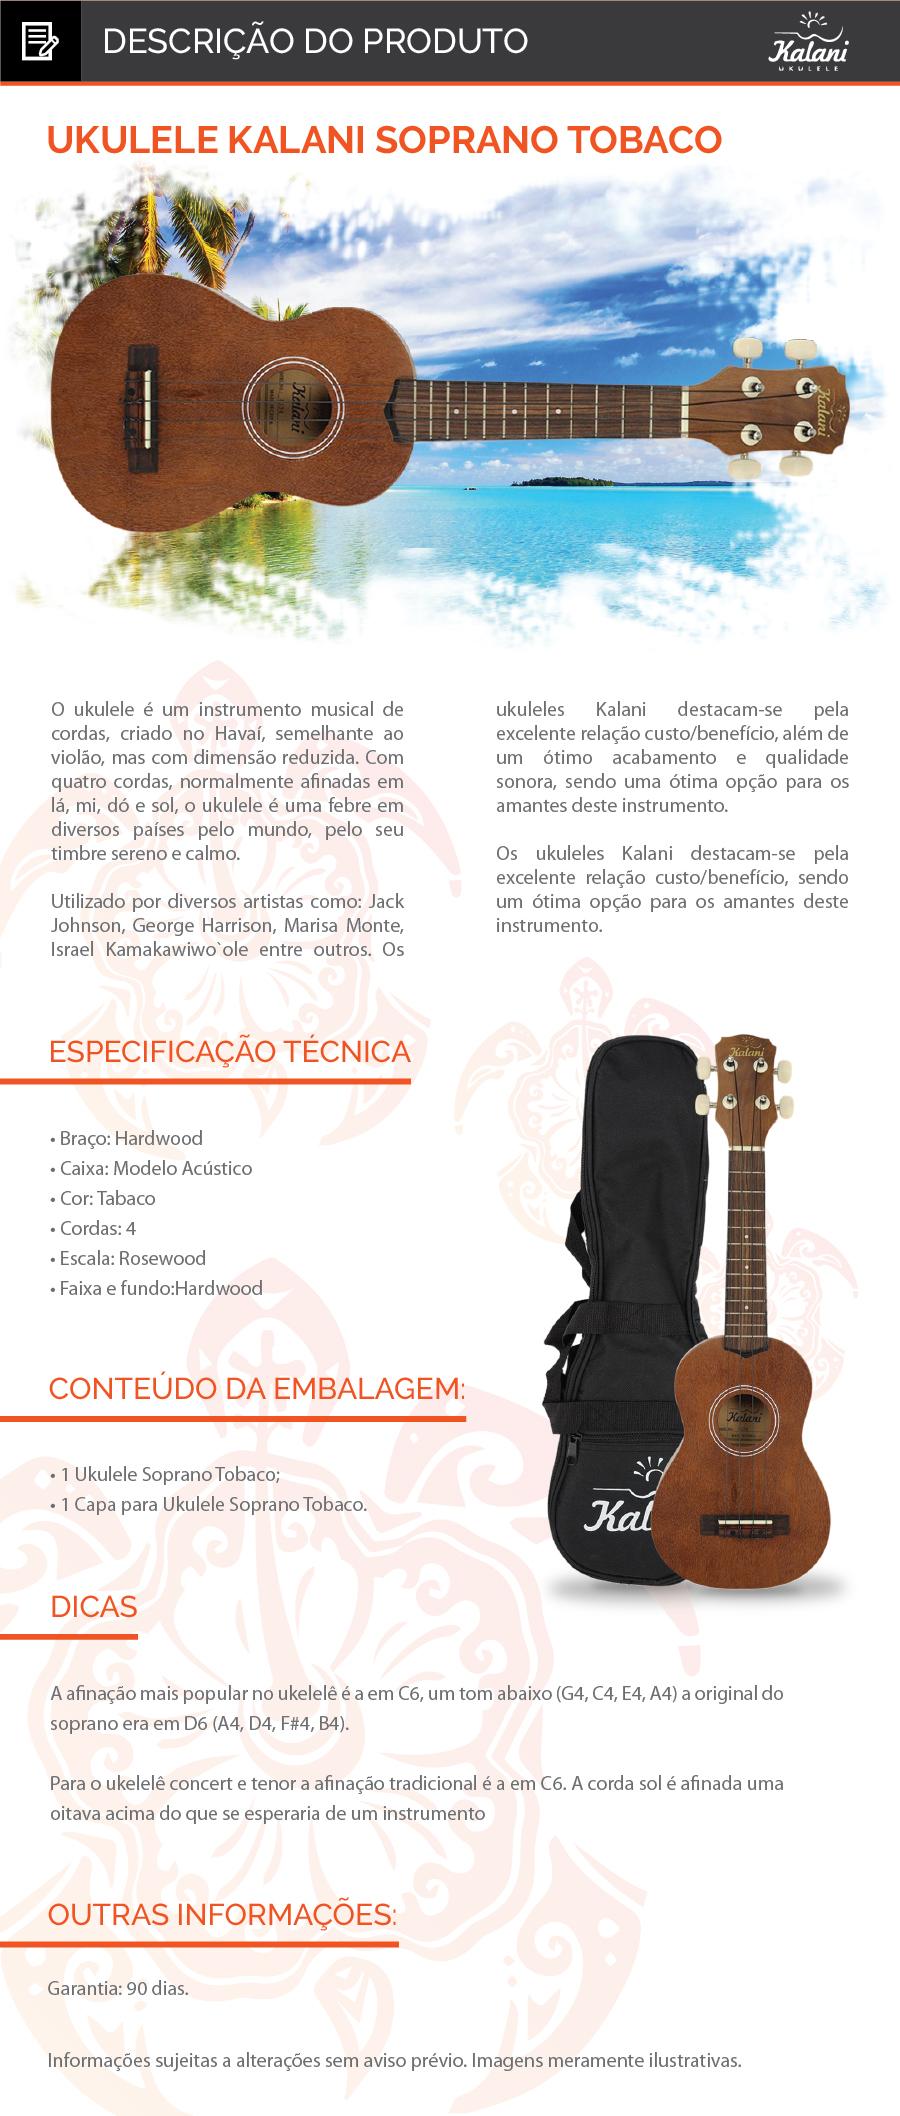 UKULELE SOPRANO Natural KALANI C/ CAPA  O ukulele é um instrumento musical de cordas, criado no Havaí, semelhante ao violão, mas com dimensão reduzida. Com quatro cordas, normalmente afinadas em lá, mi, dó e sol, o ukulele é uma febre em diversos países pelo mundo, pelo seu timbre sereno e calmo.   Utilizado por diversos artistas como: Jack Johnson, George Harrison, Marisa Monte, Israel Kamakawiwo`ole entre outros. Os ukuleles Kalani destacam-se pela excelente relação custo/benefício, além de um ótimo acabamento e qualidade sonora, sendo uma ótima opção para os amantes deste instrumento.   Os ukuleles Kalani destacam-se pela excelente relação custo/benefício, sendo um ótima opção para os amantes deste instrumento.  Braço:Hardwood  Caixa:Modelo Acústico Cor:Natural mogno Cordas:4 Escala:Rosewood Faixa e fundo:Hardwood Dicas: A afinação mais popular no ukelelê é a em C6, um tom abaixo (G4, C4, E4, A4) a original do soprano era em D6 (A4, D4, F#4, B4). Para o ukelelê concert e tenor a afinação tradicional é a em C6. A corda sol é afinada uma oitava acima do que se esperaria de um instrumento